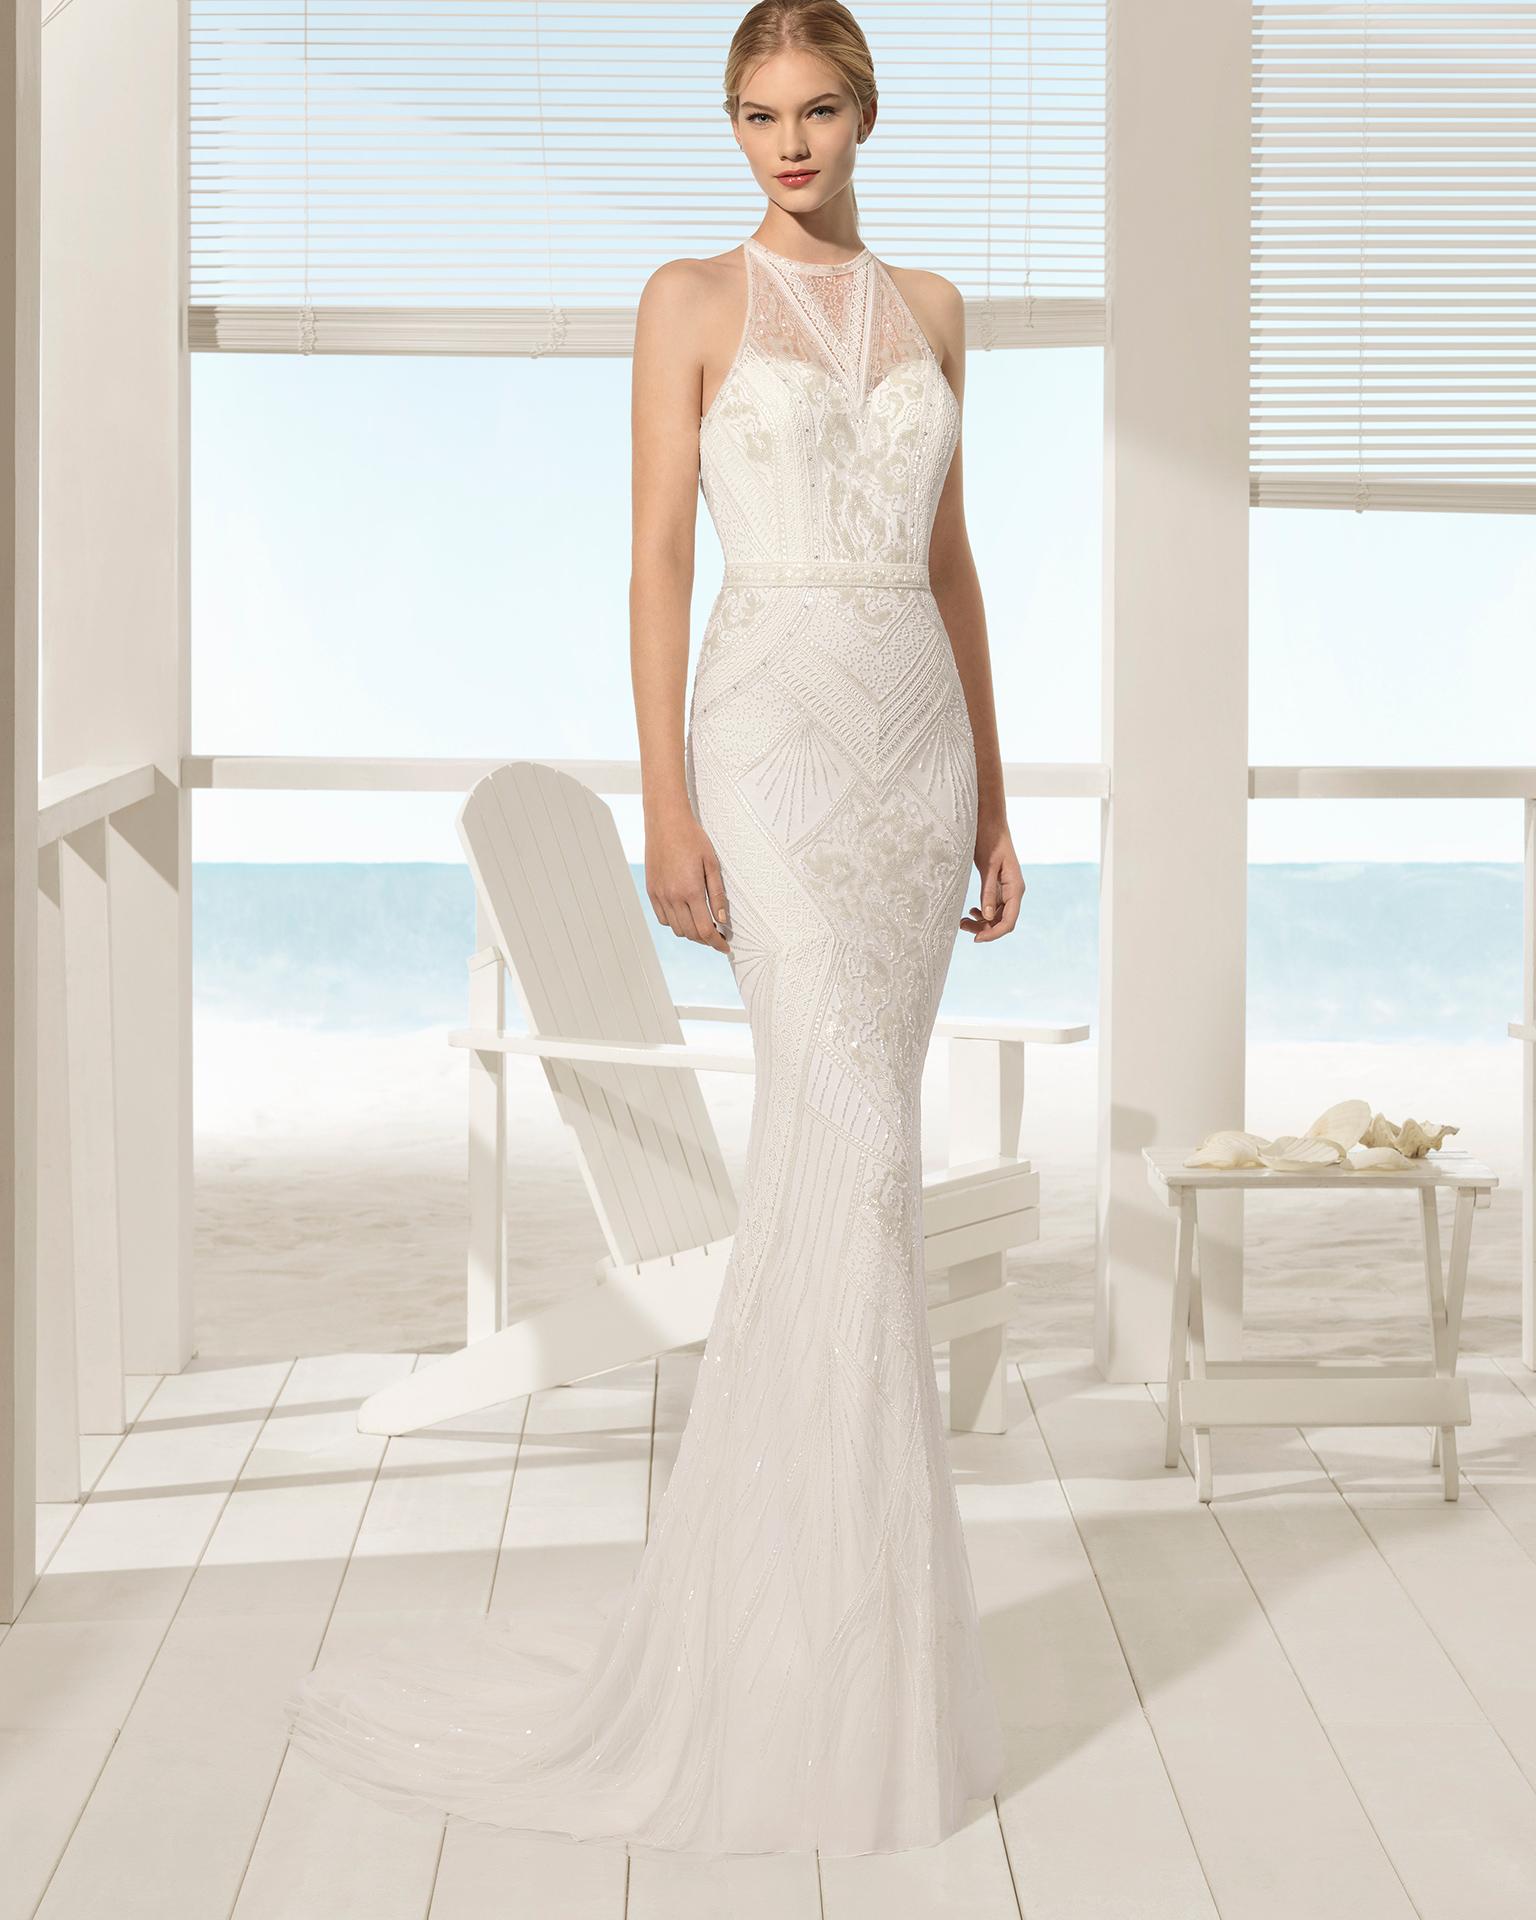 Vestido de novia estilo boho en guipur y pedreria con escote halter y espalda abierta.